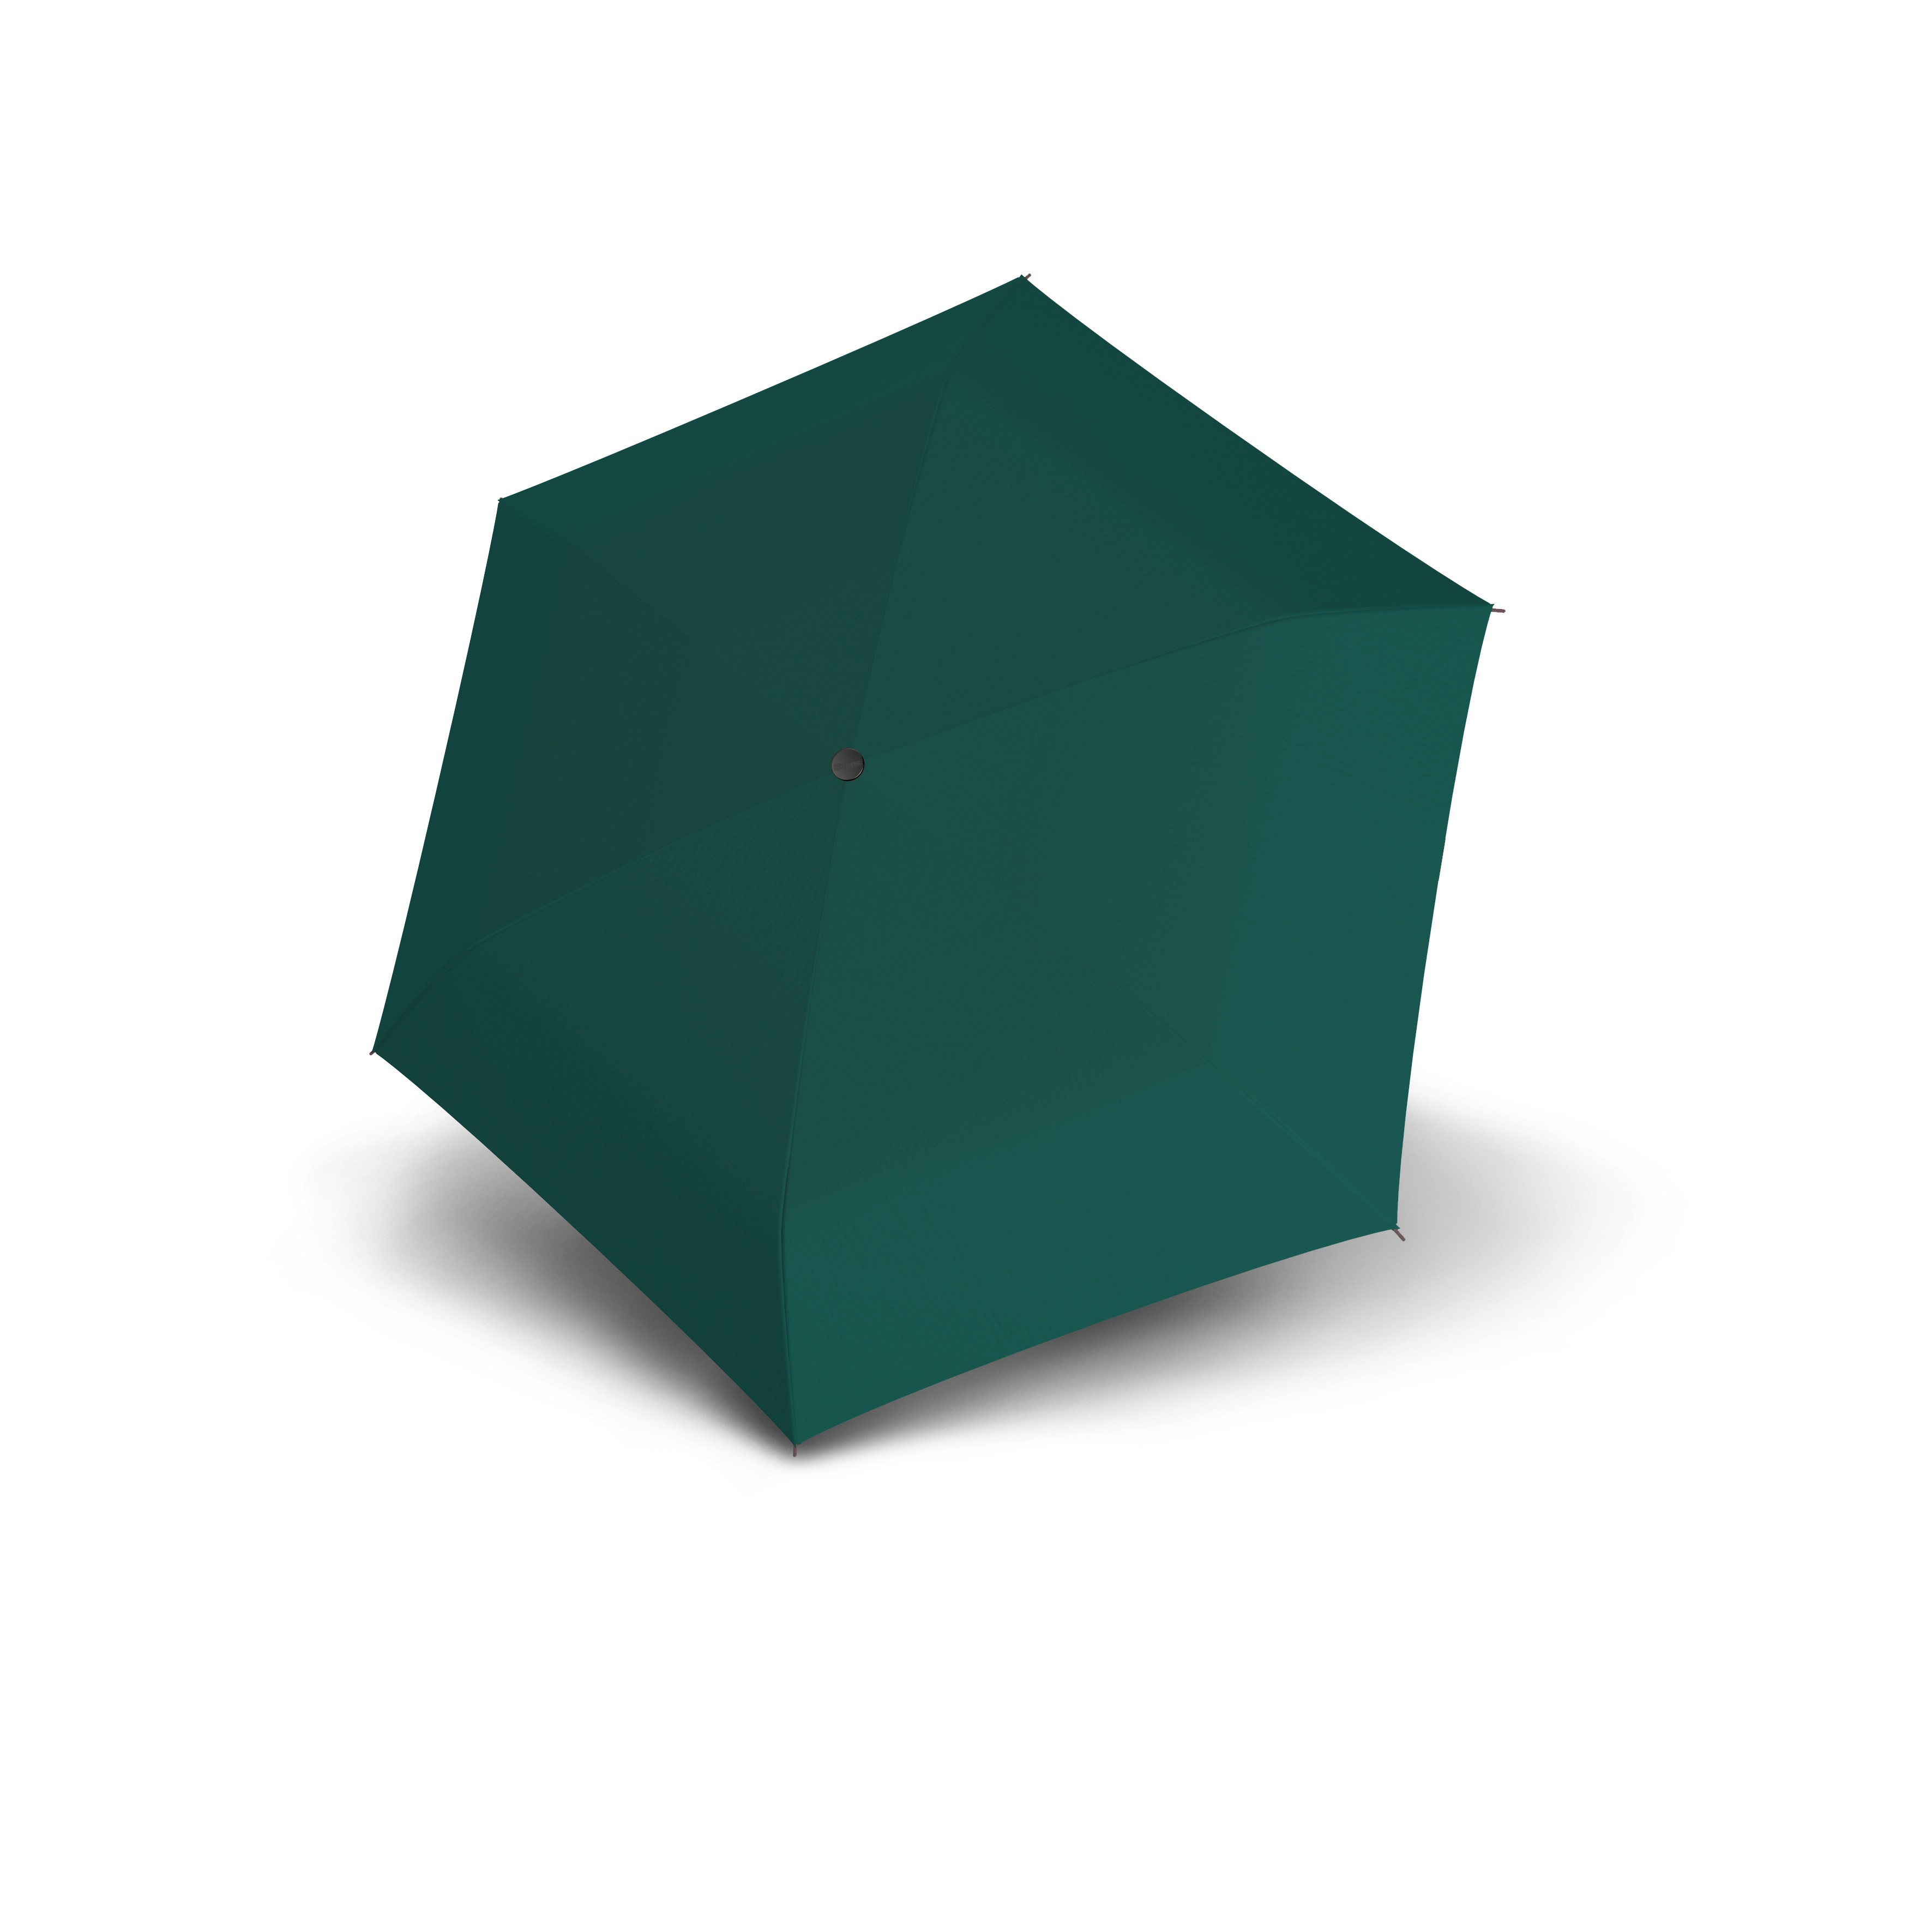 Zelený dámský mechanický skládací ultralehký deštník Nachel